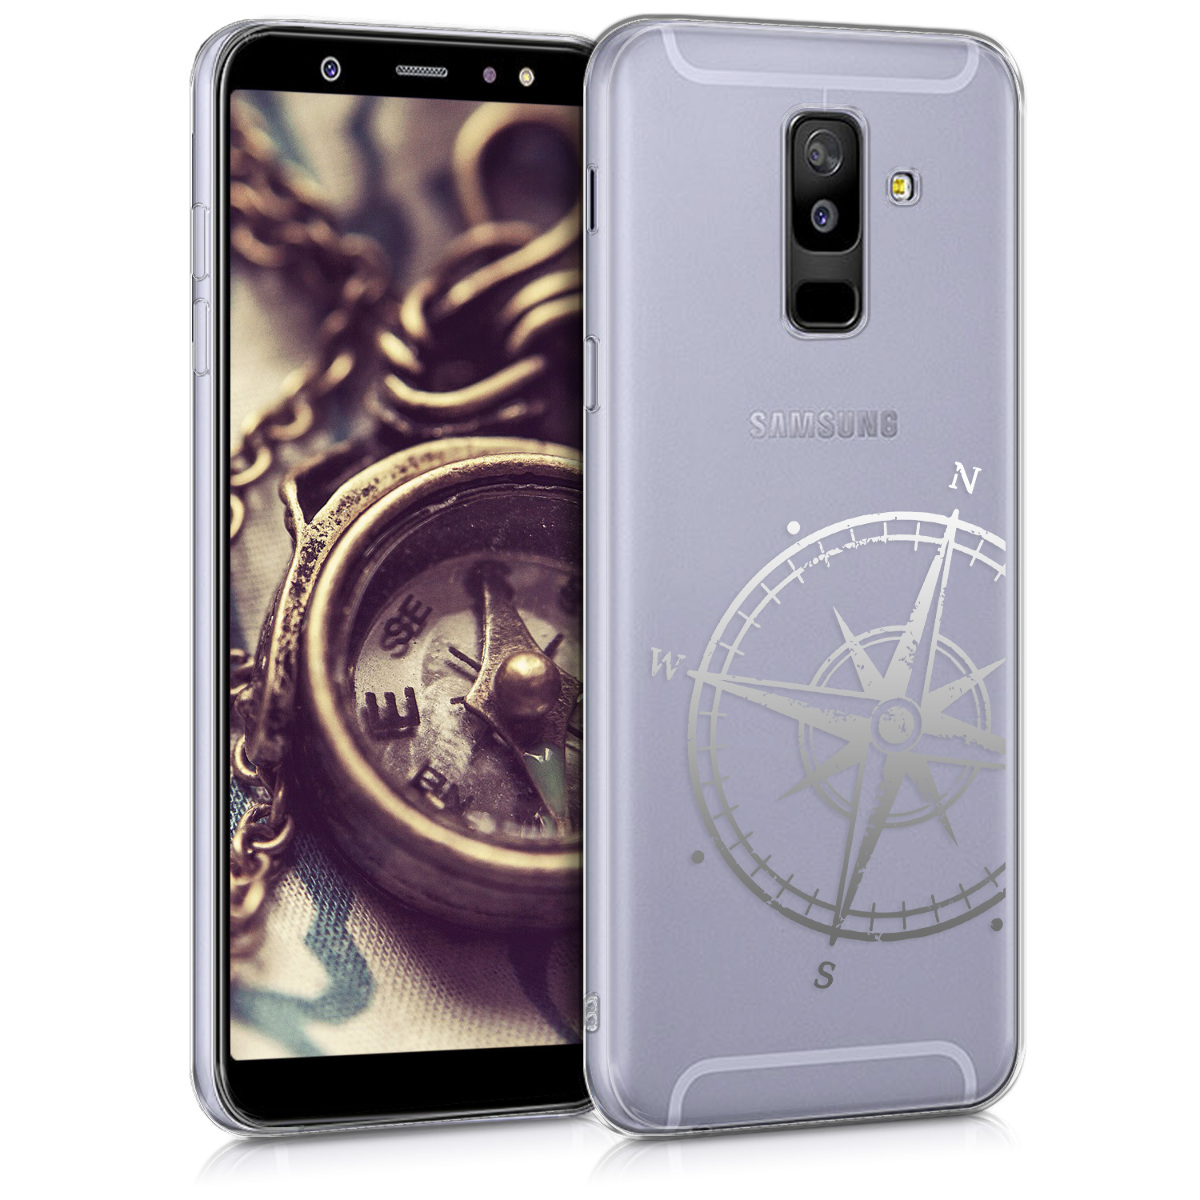 Kvalitní silikonové TPU pouzdro pro Samsung A6+|A6 Plus (2018) - Navigační Compass stříbrné / transparentní